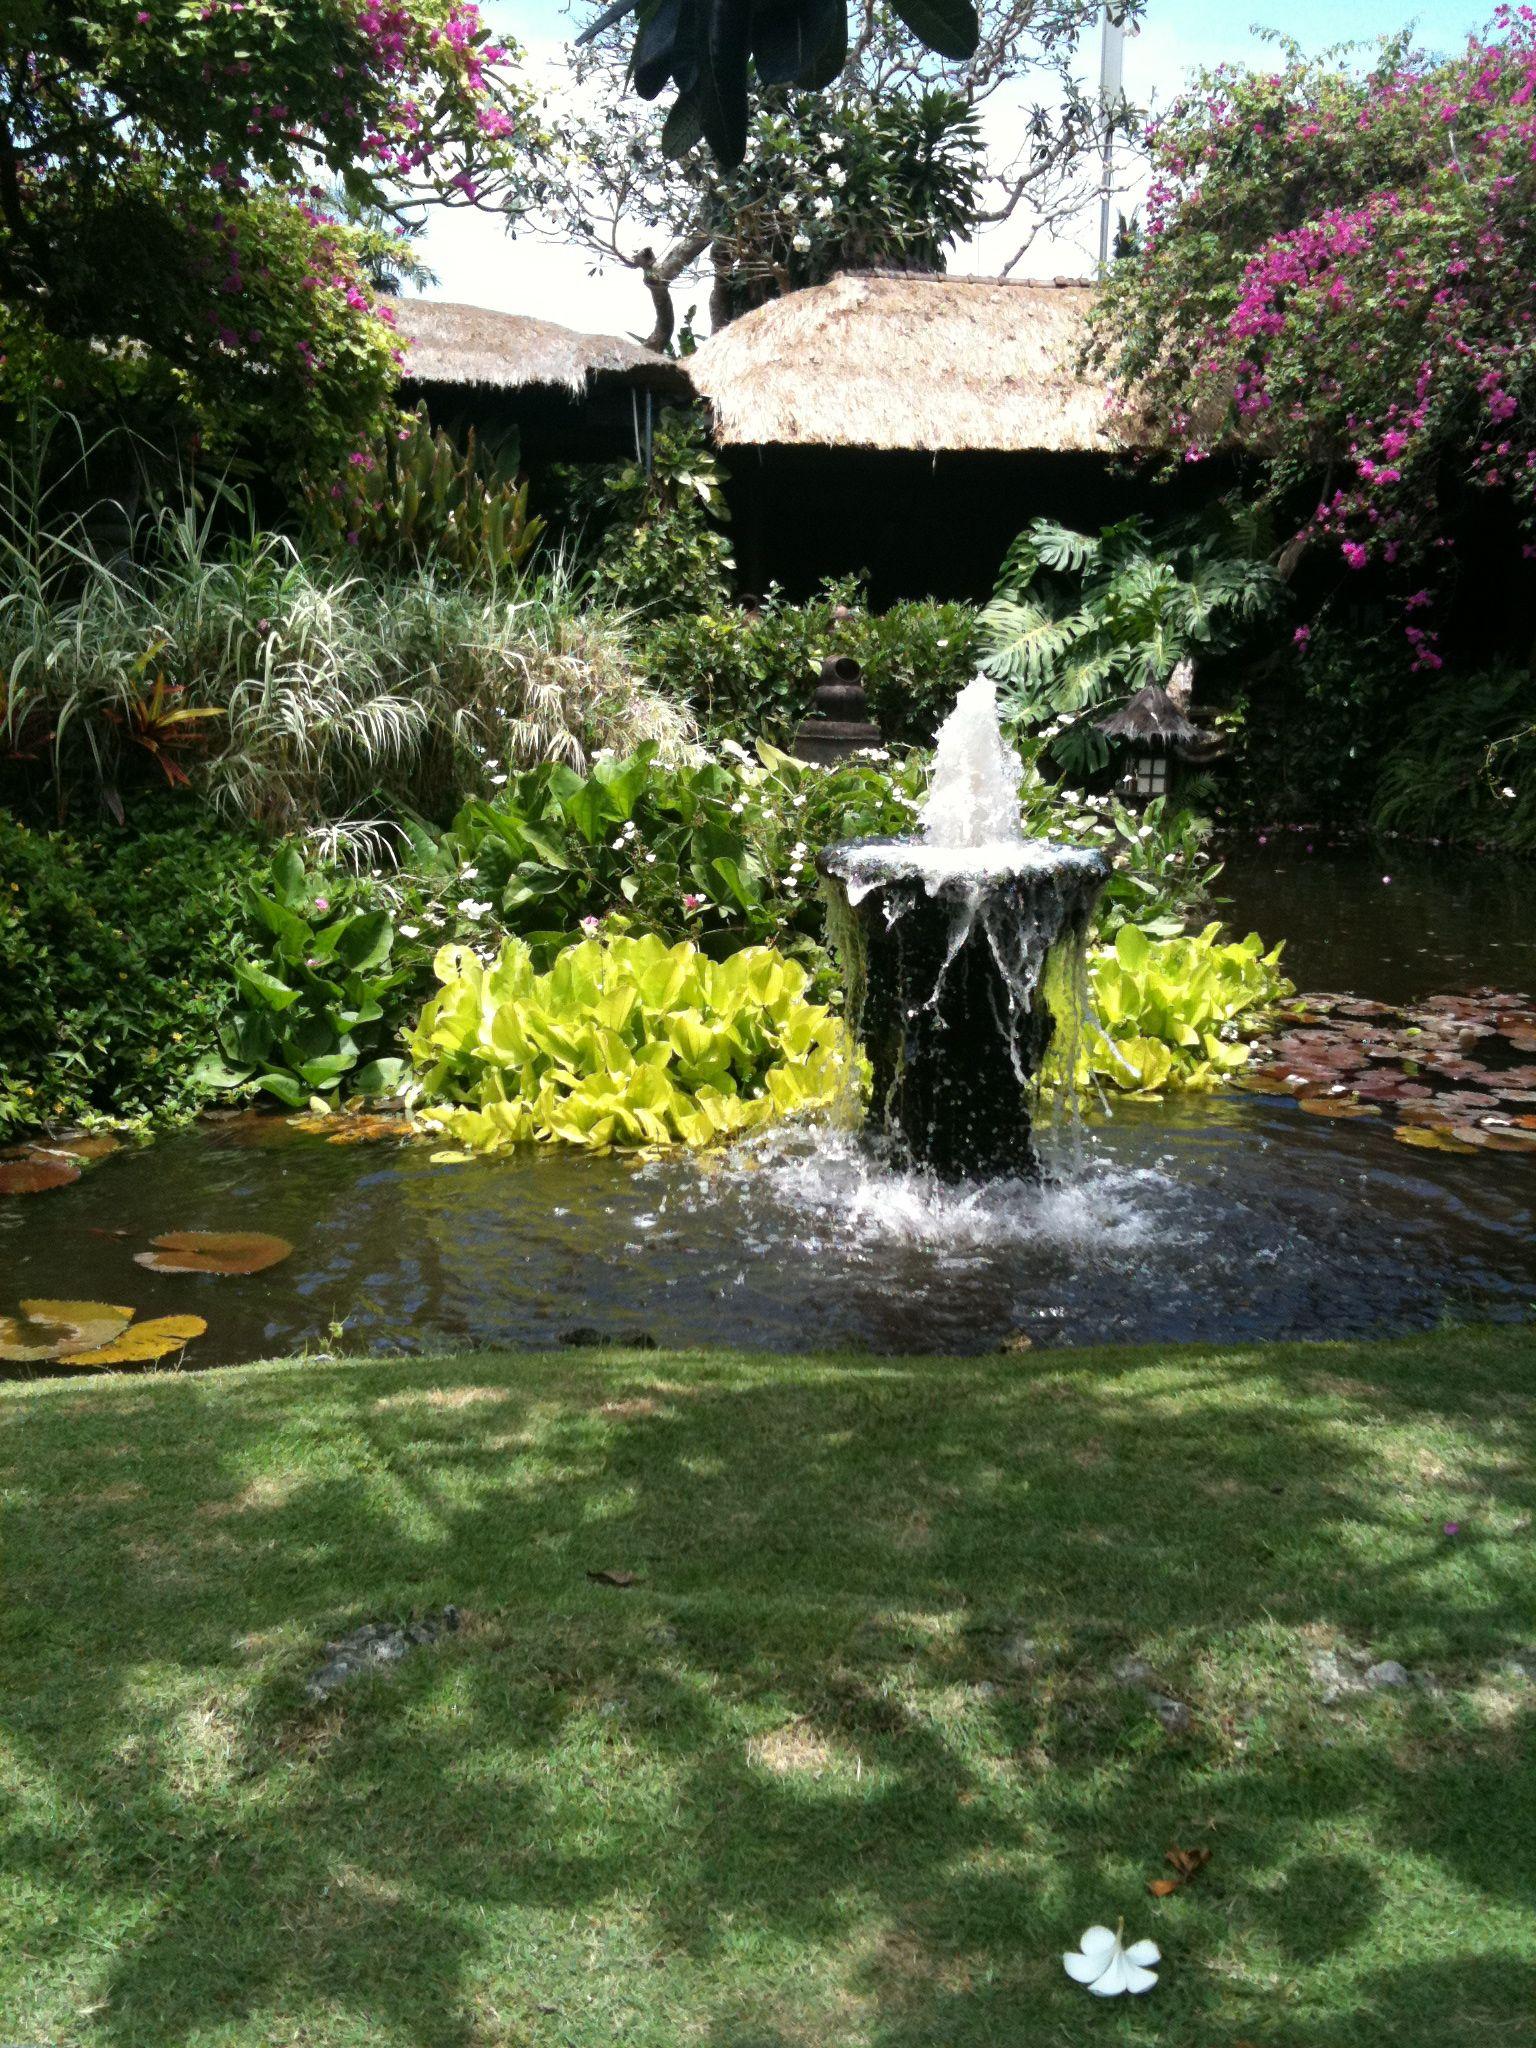 Troppo garden, Sanur, Bali | (Dream) Garden | Pinterest | Sanur bali ...